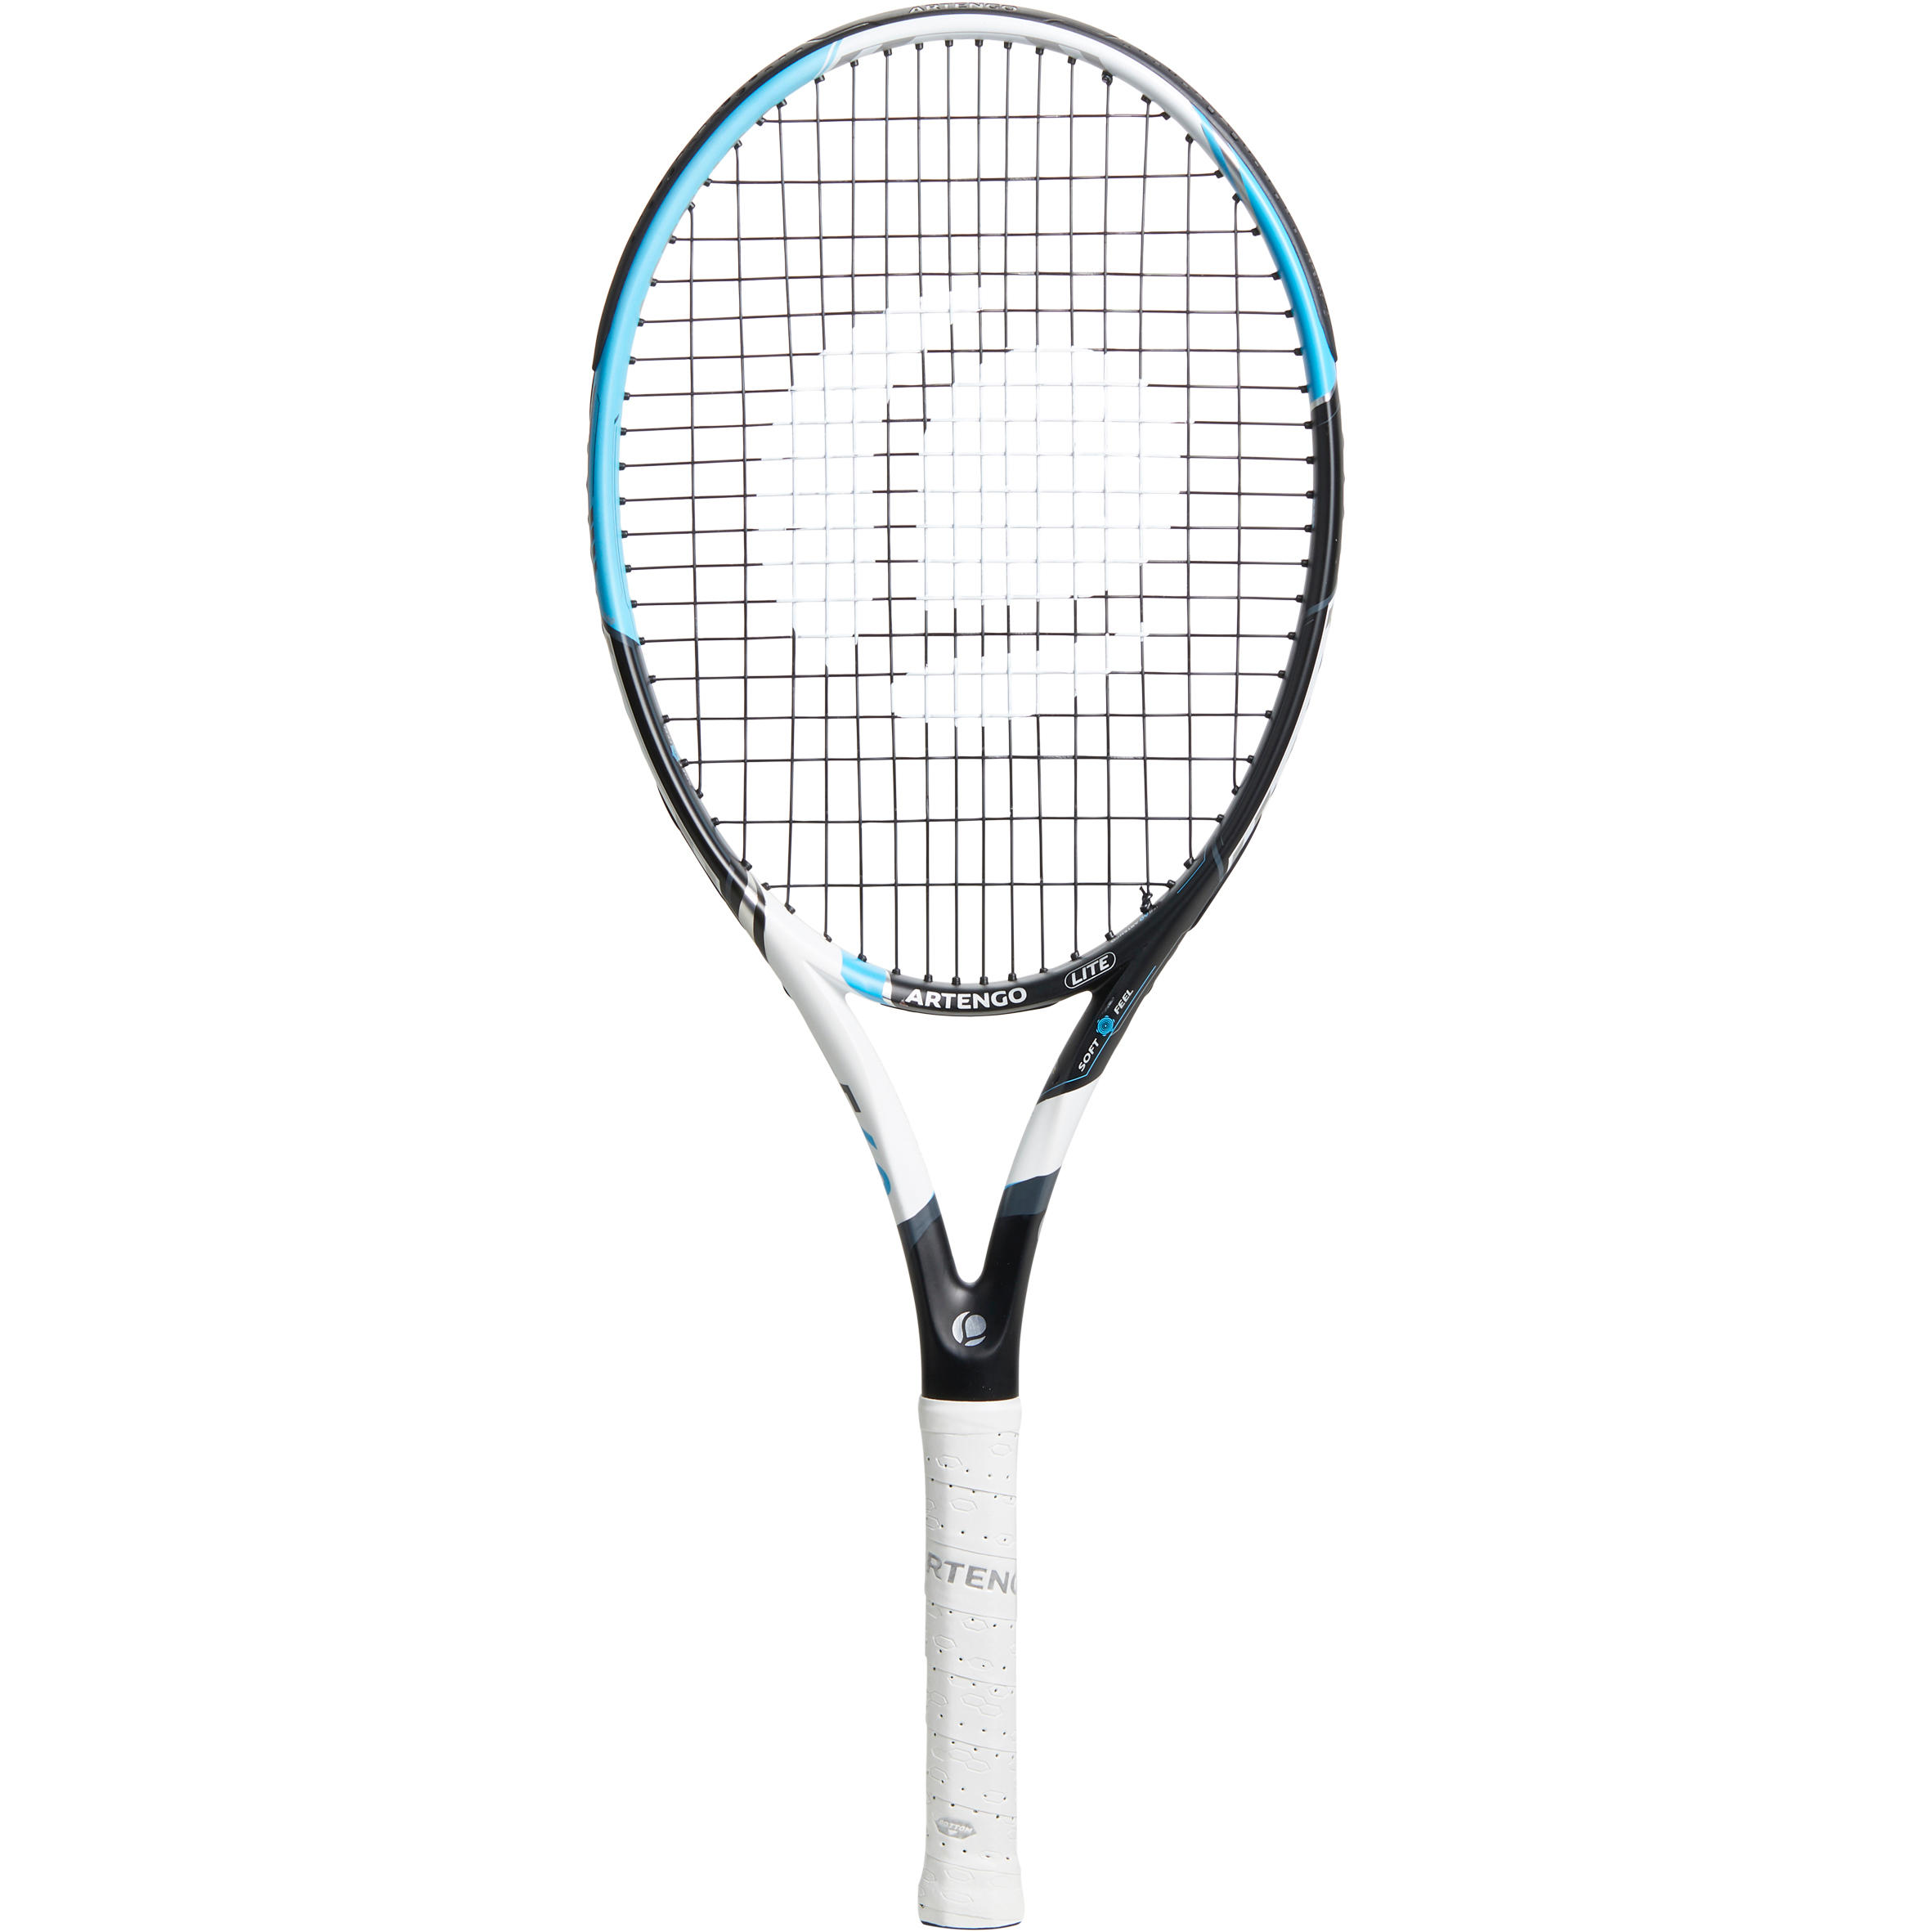 Artengo Tennisracket voor volwassenen Artengo TR560 Lite